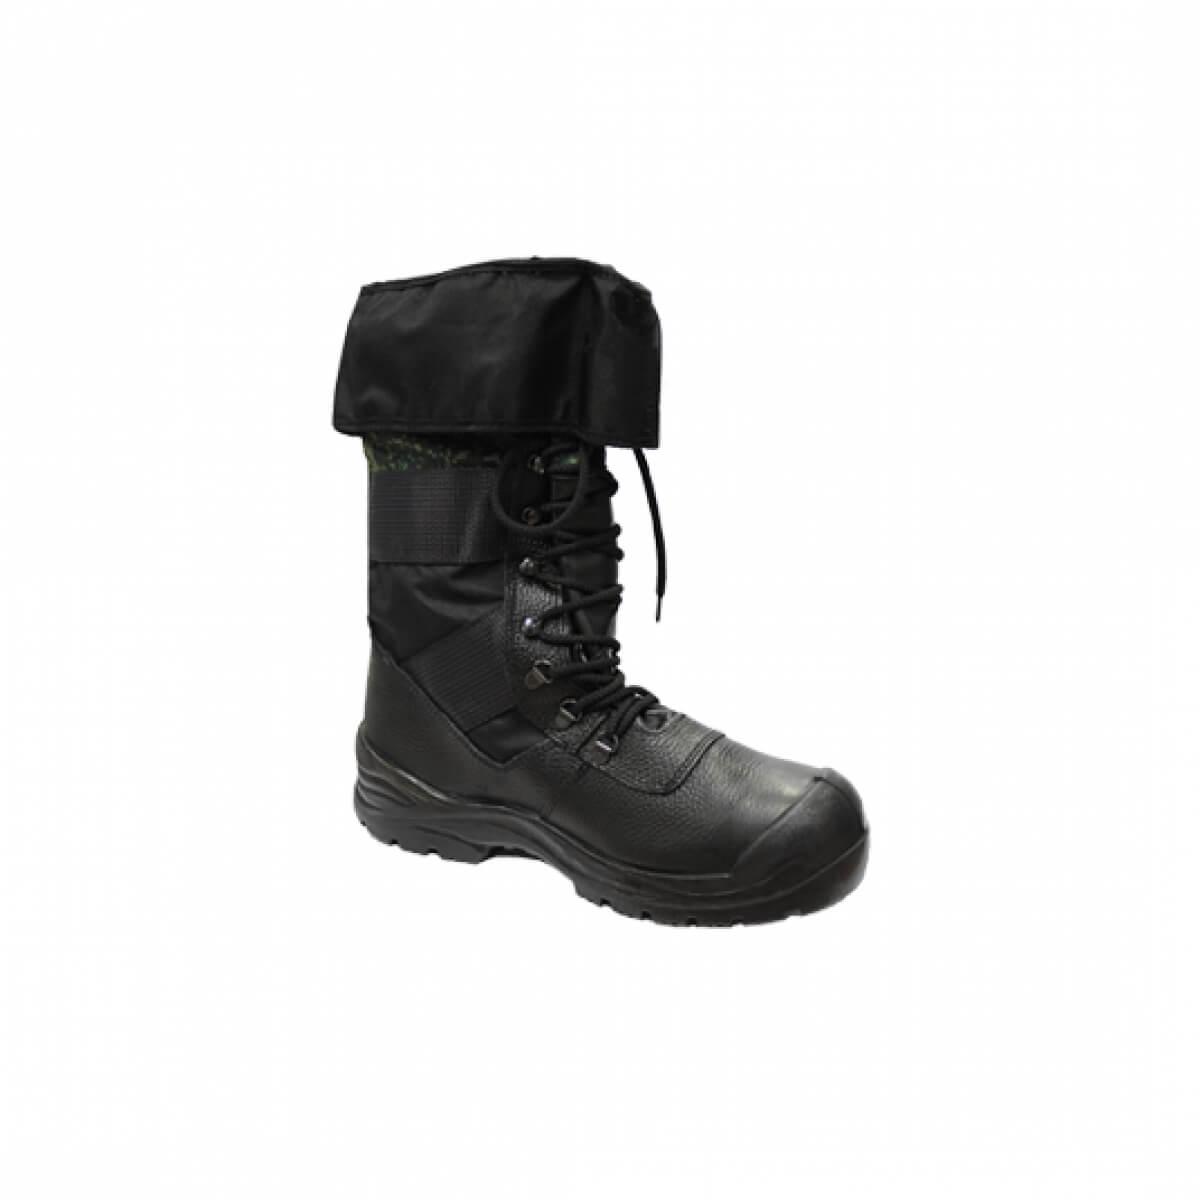 Обувь противоэнцефалитная, модель СЭ-18 Биостоп®